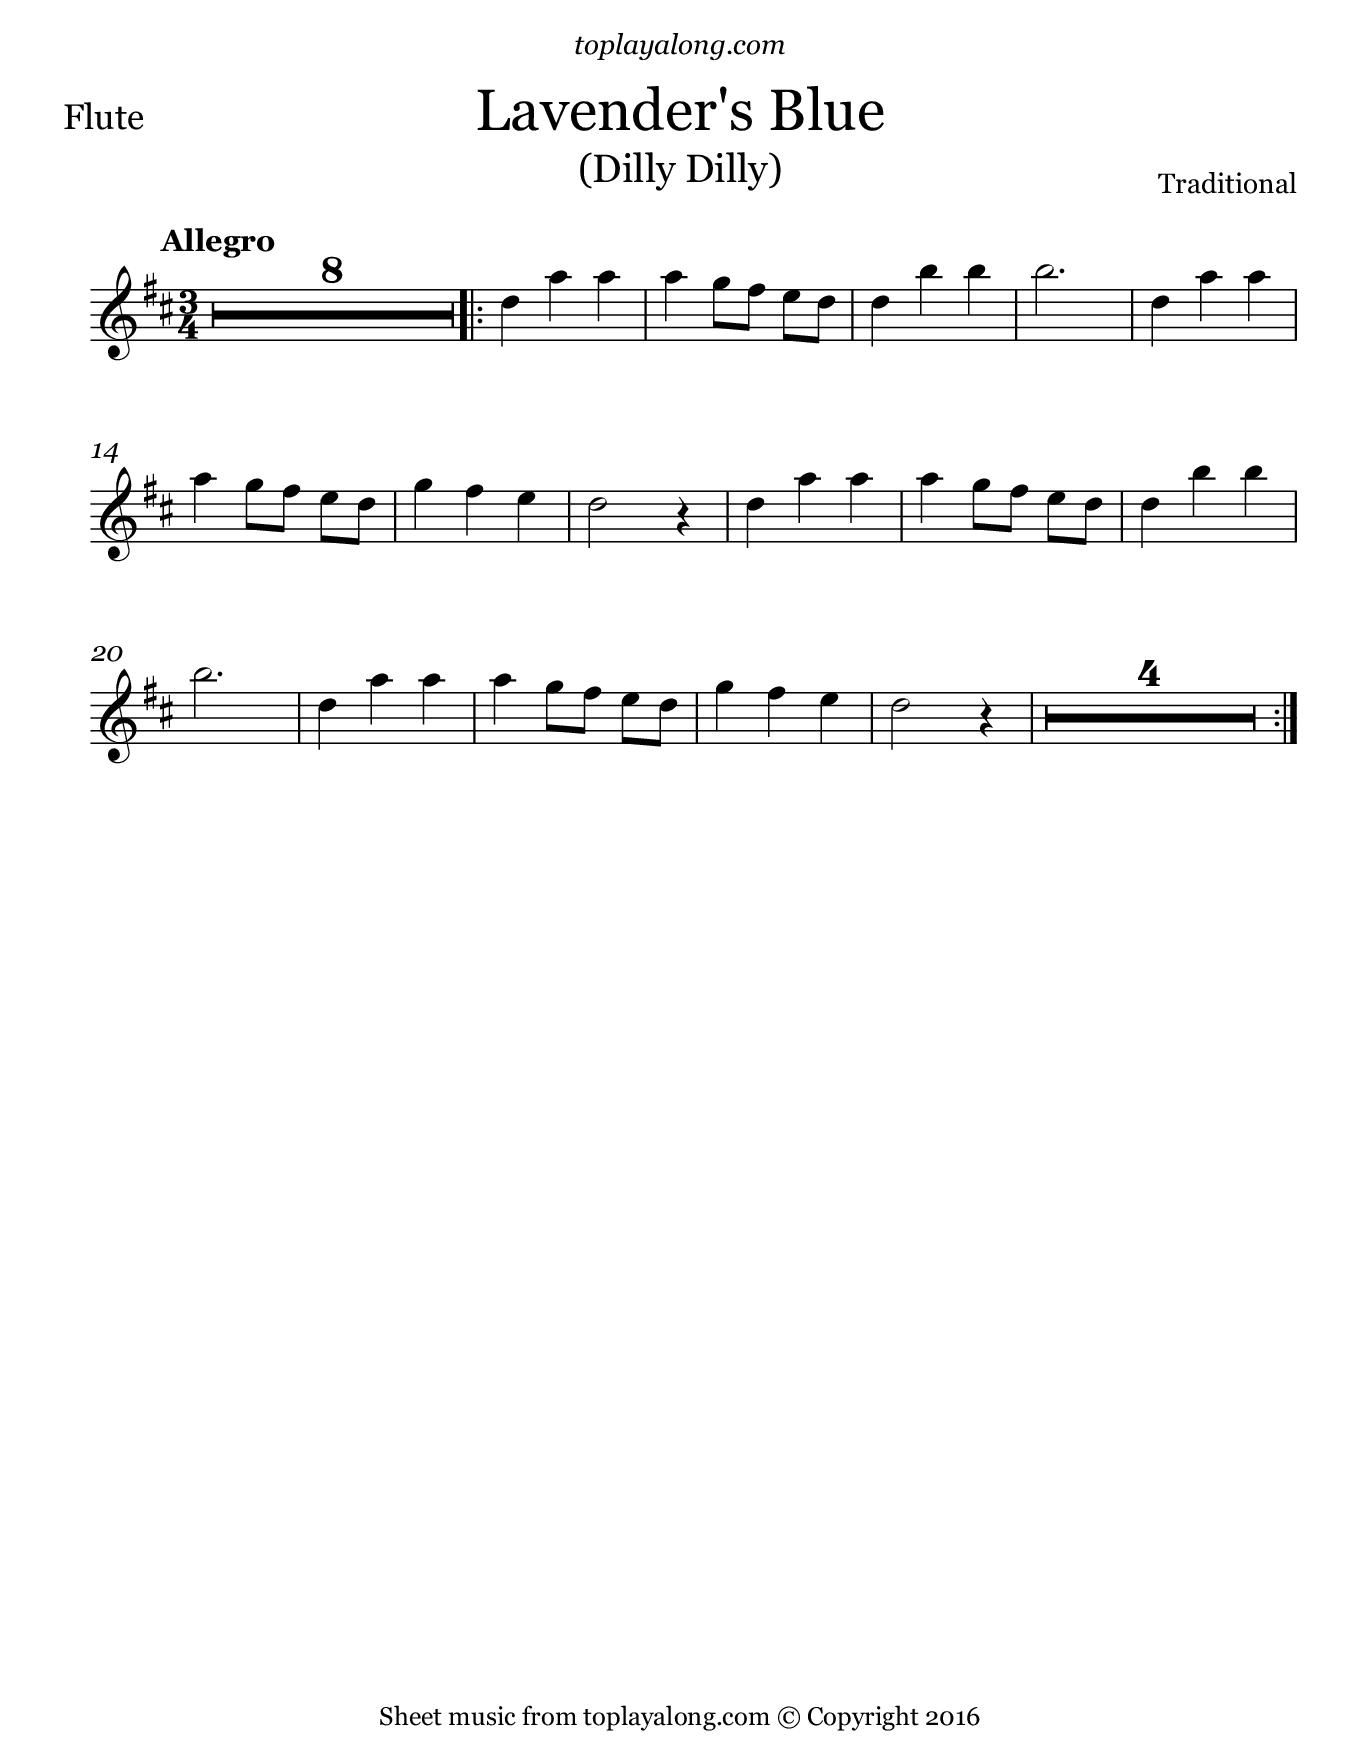 Lirik Lagu Lavender's Blue : lirik, lavender's, Music, Score, Collection:, Lavenders, Cinderella, Sheet